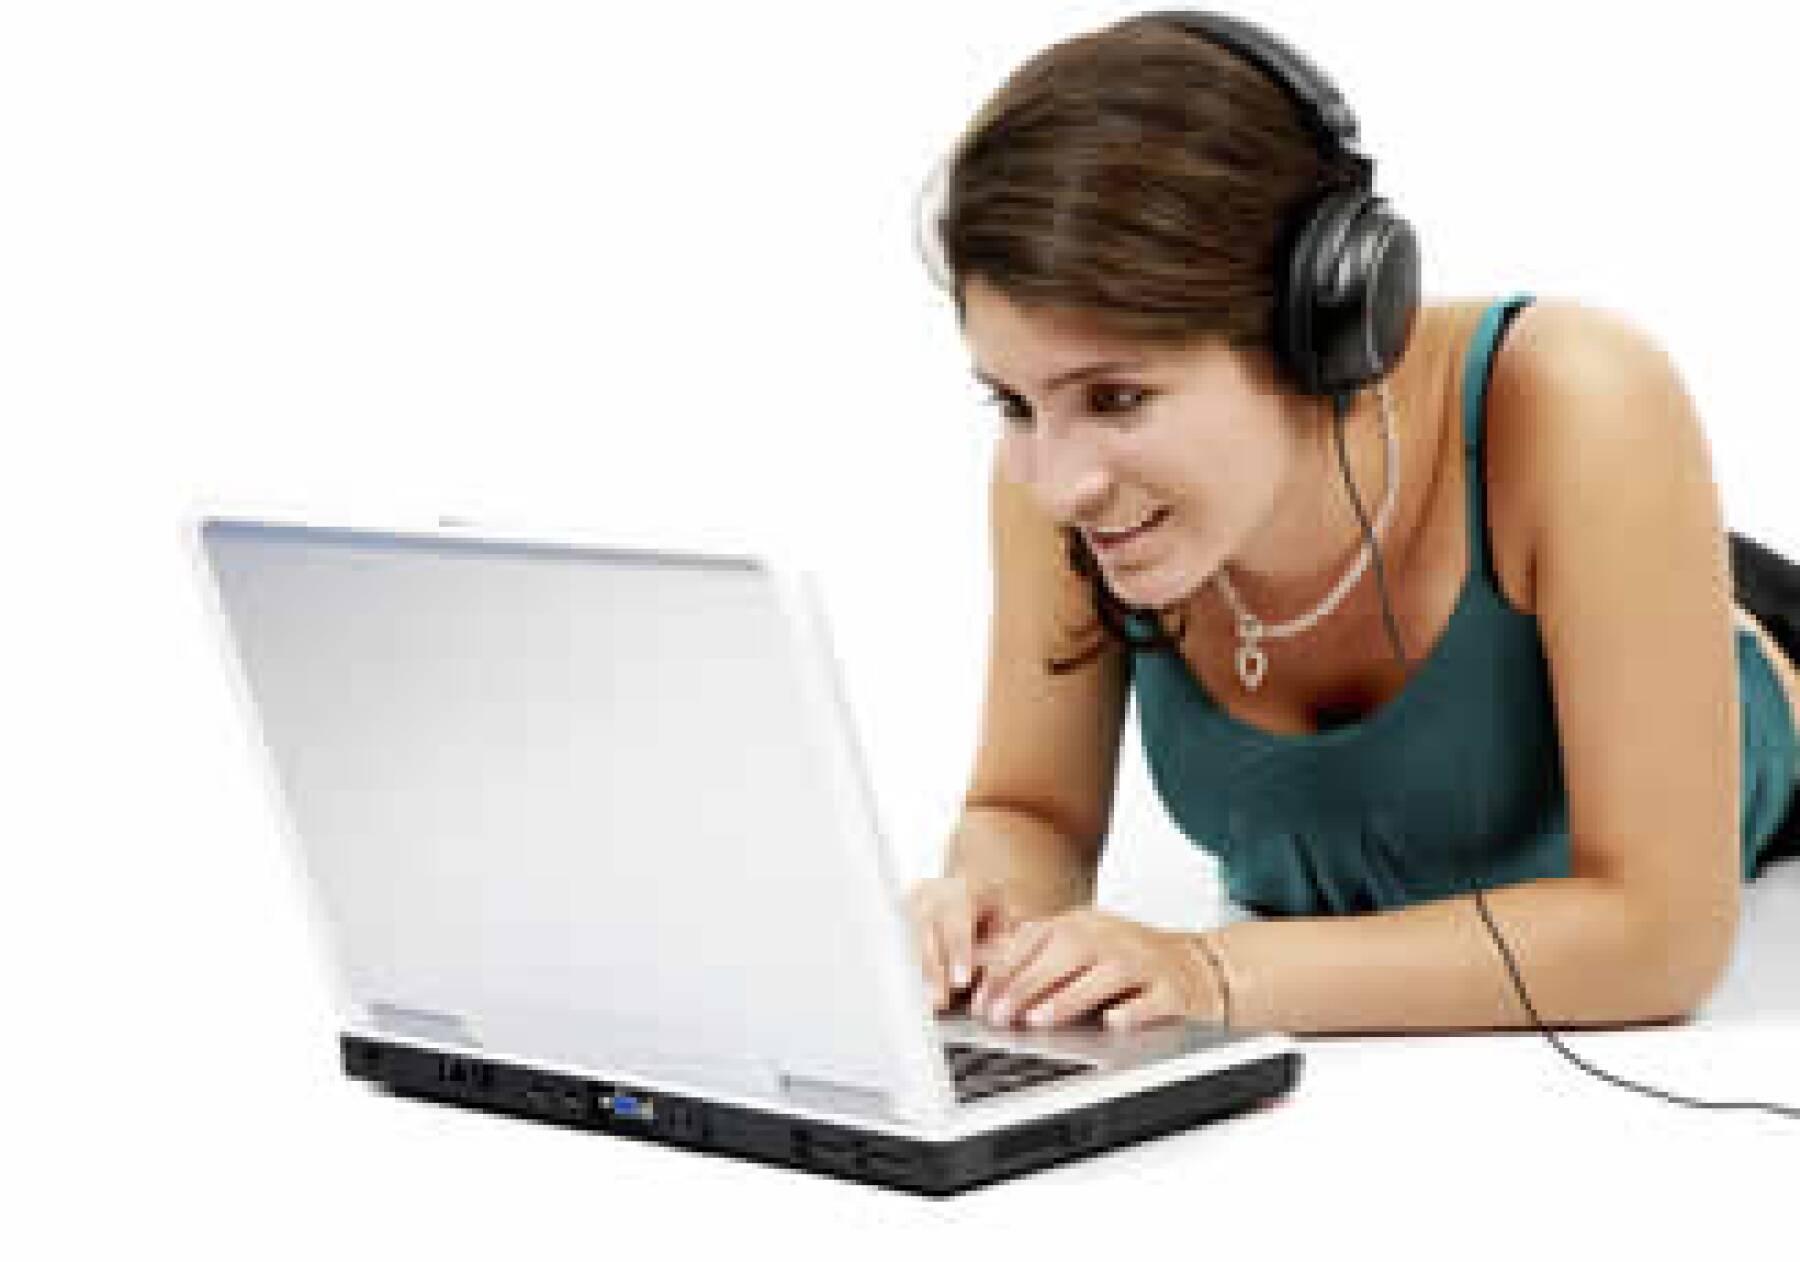 La escucha de radio por internet creció 26% en el último año, según Kantar e IAB.